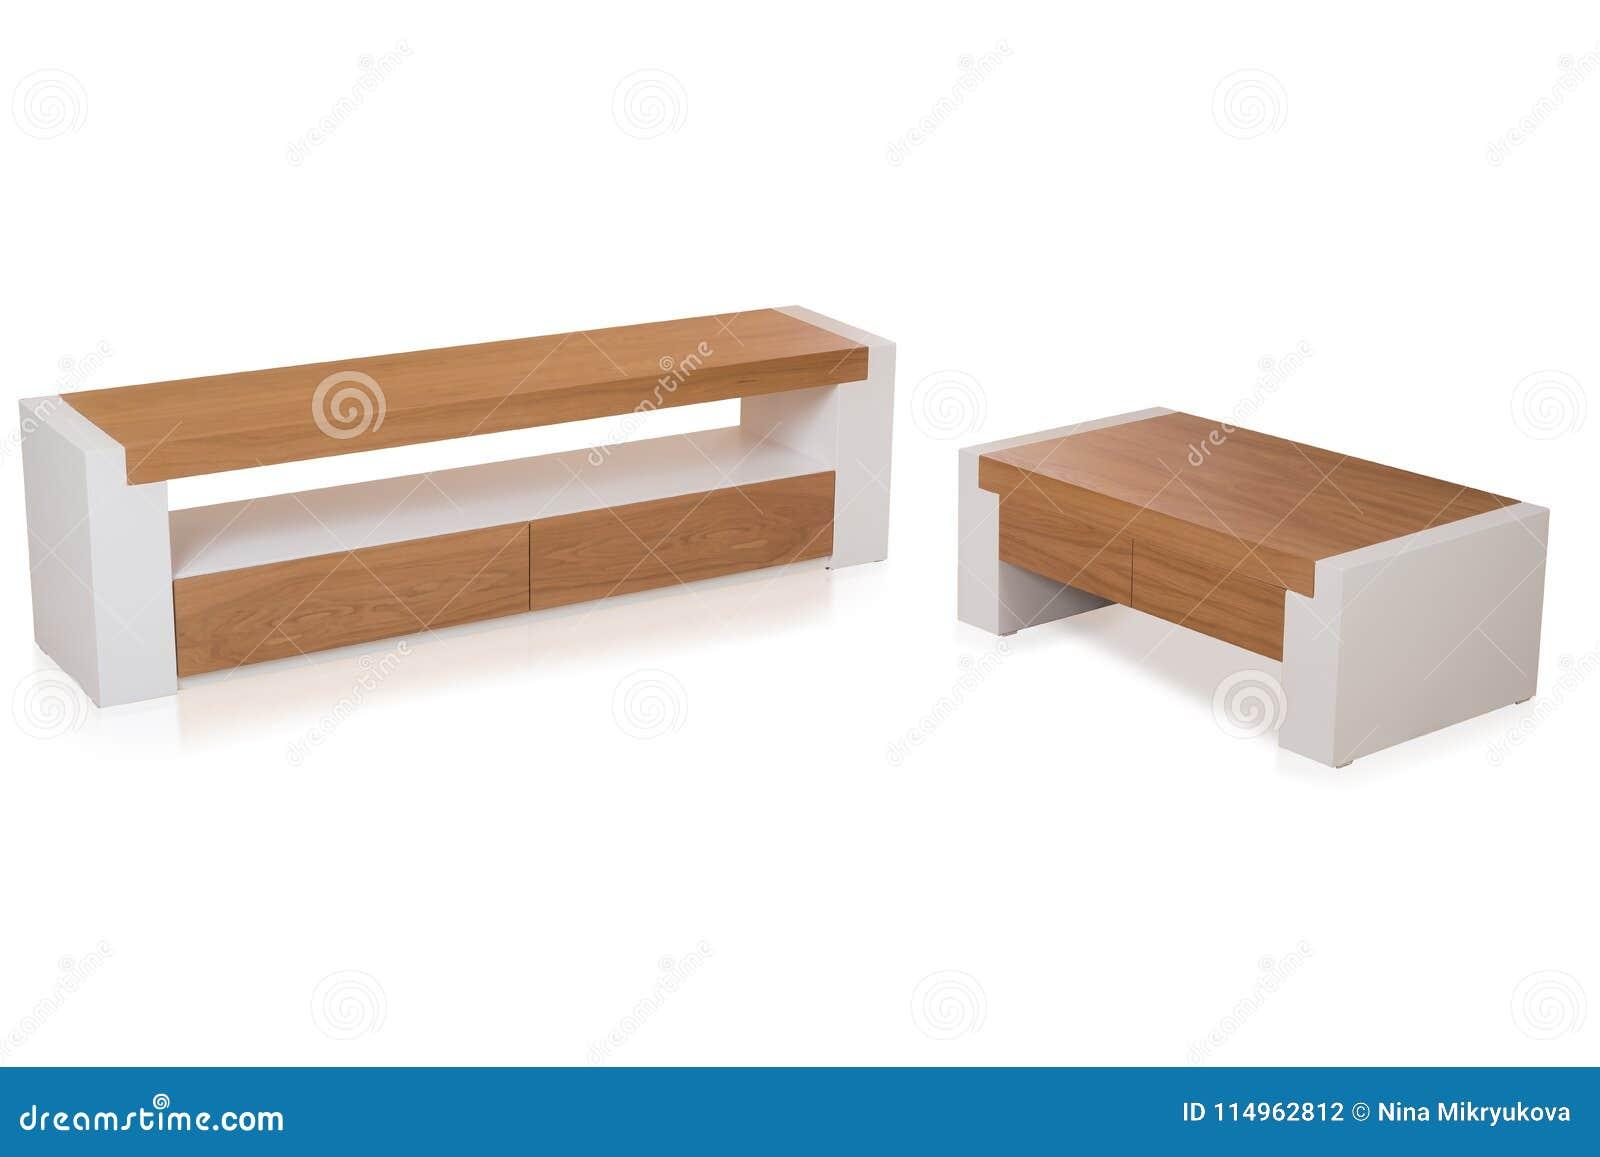 Credenza Da Salotto : Credenza di legno moderna per il salone con tavolino da salotto